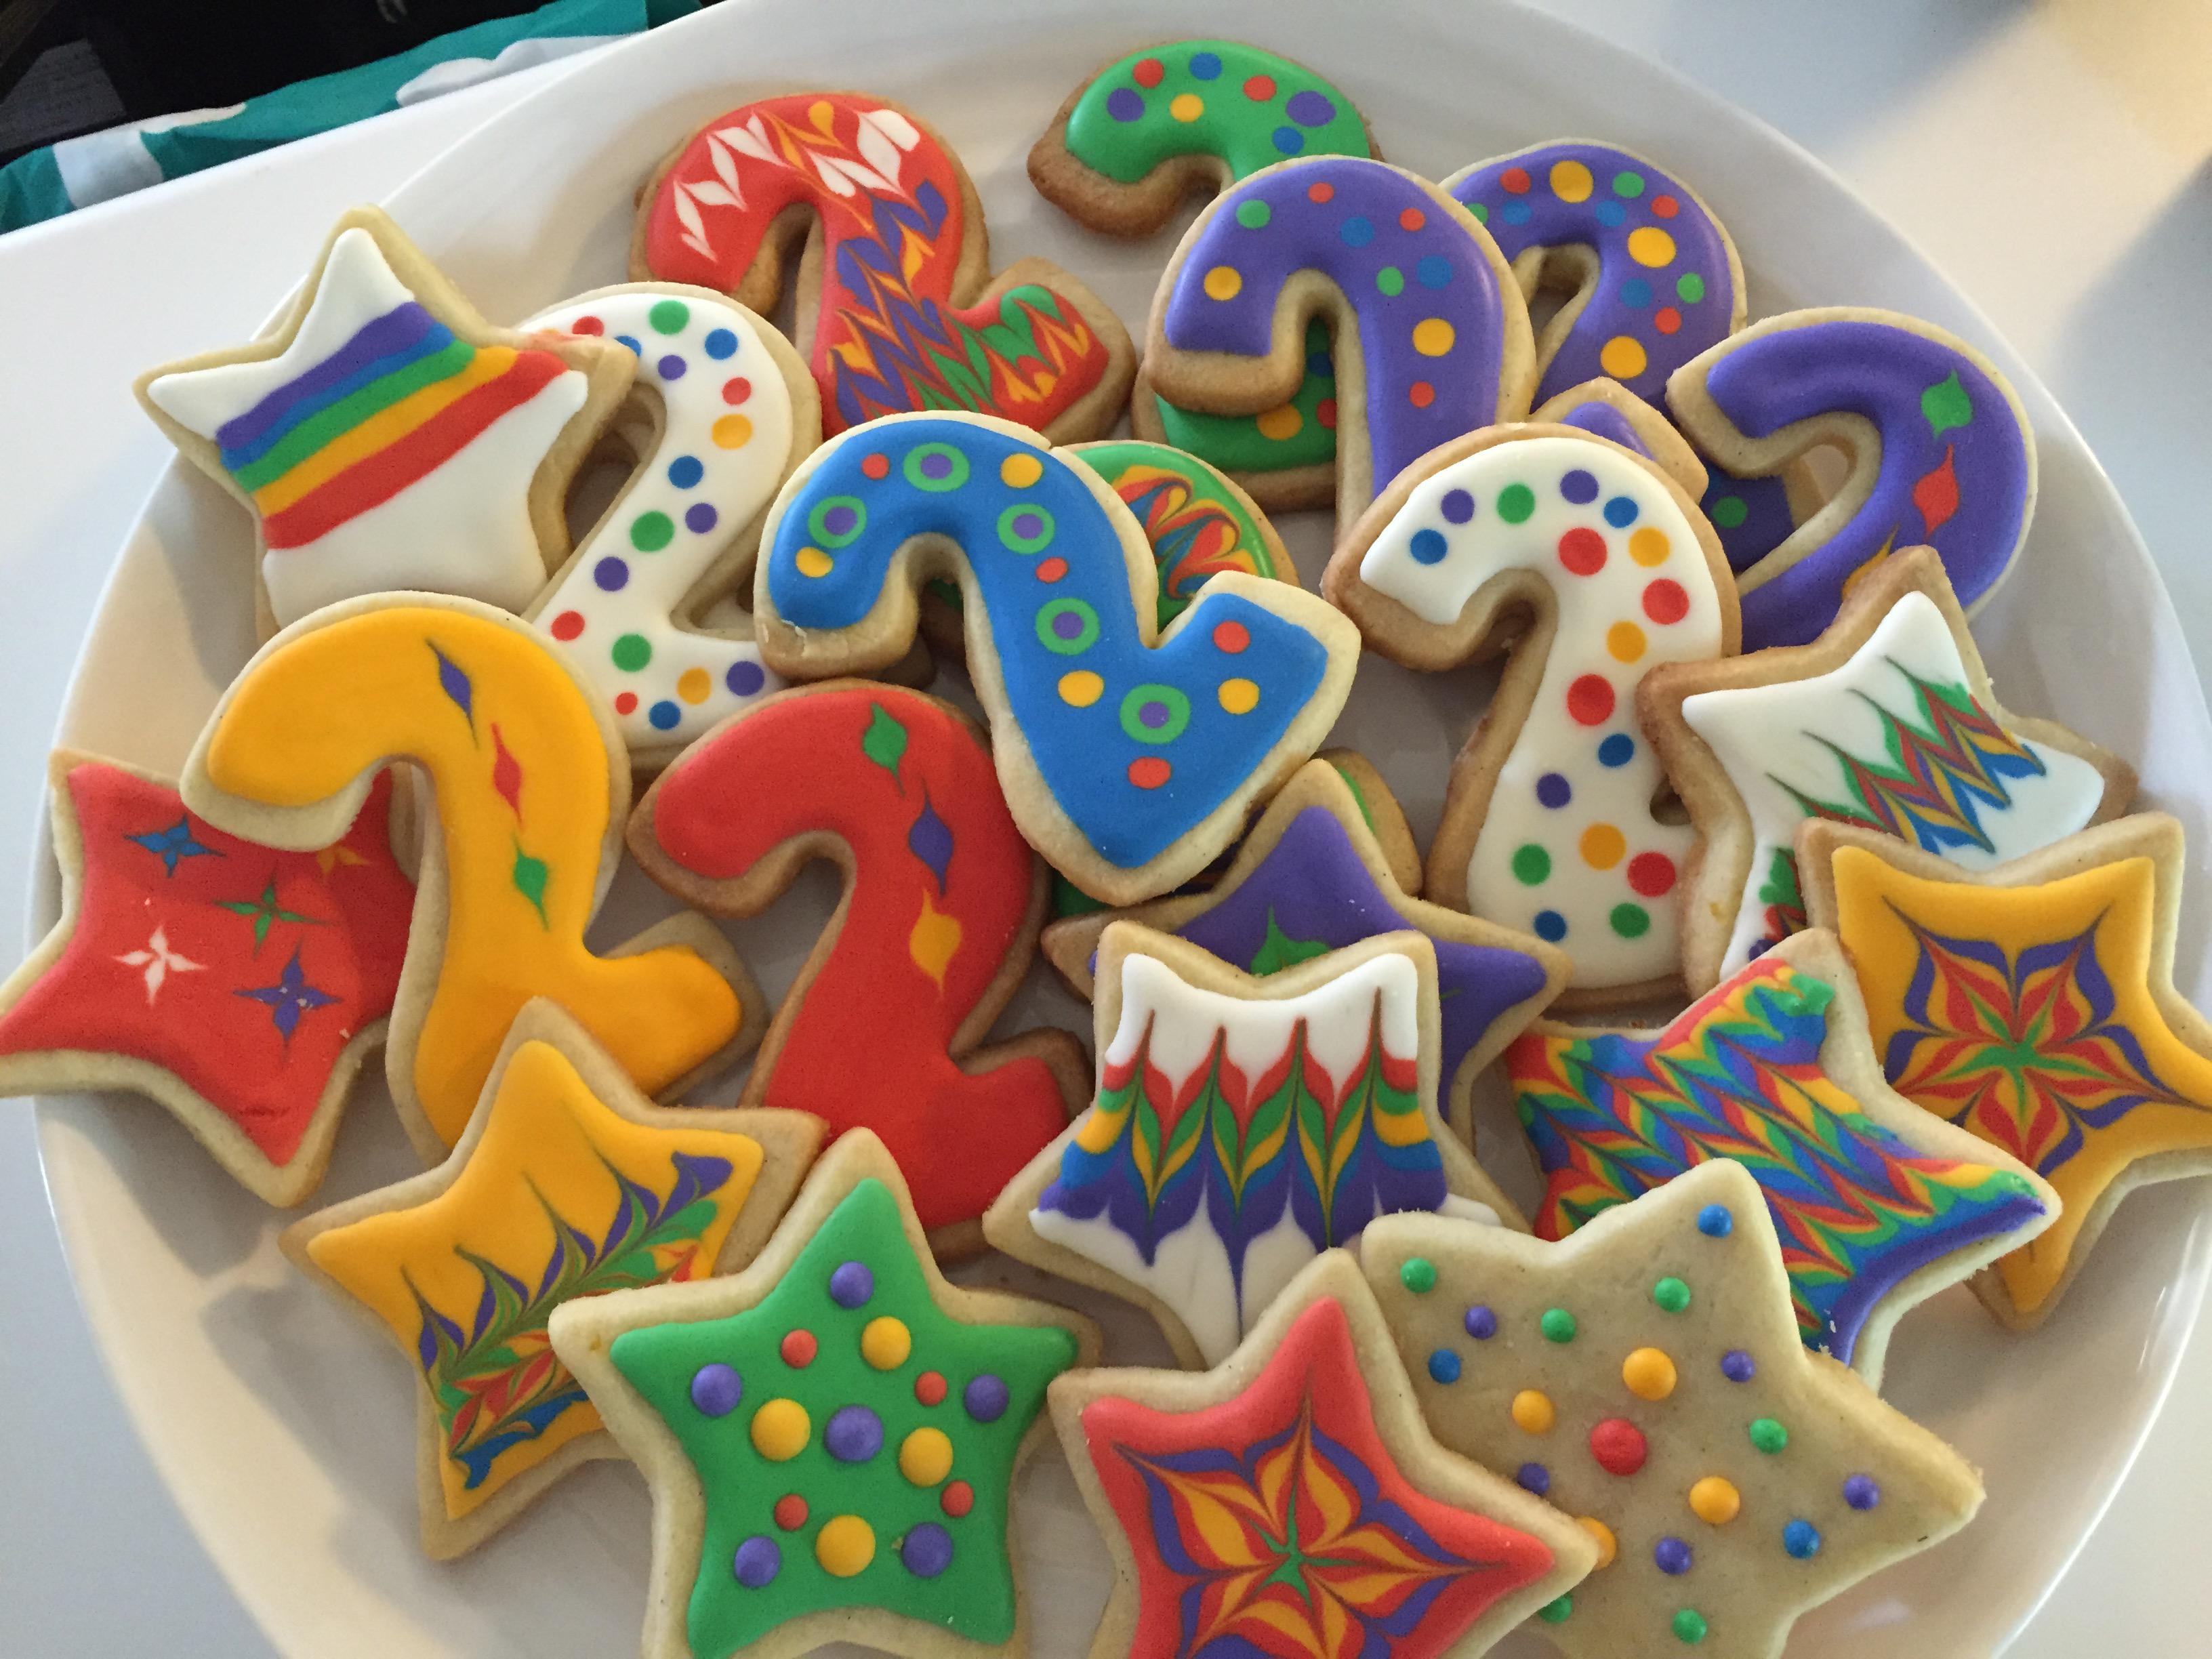 Image Formats Sugarpie Custom Cookies